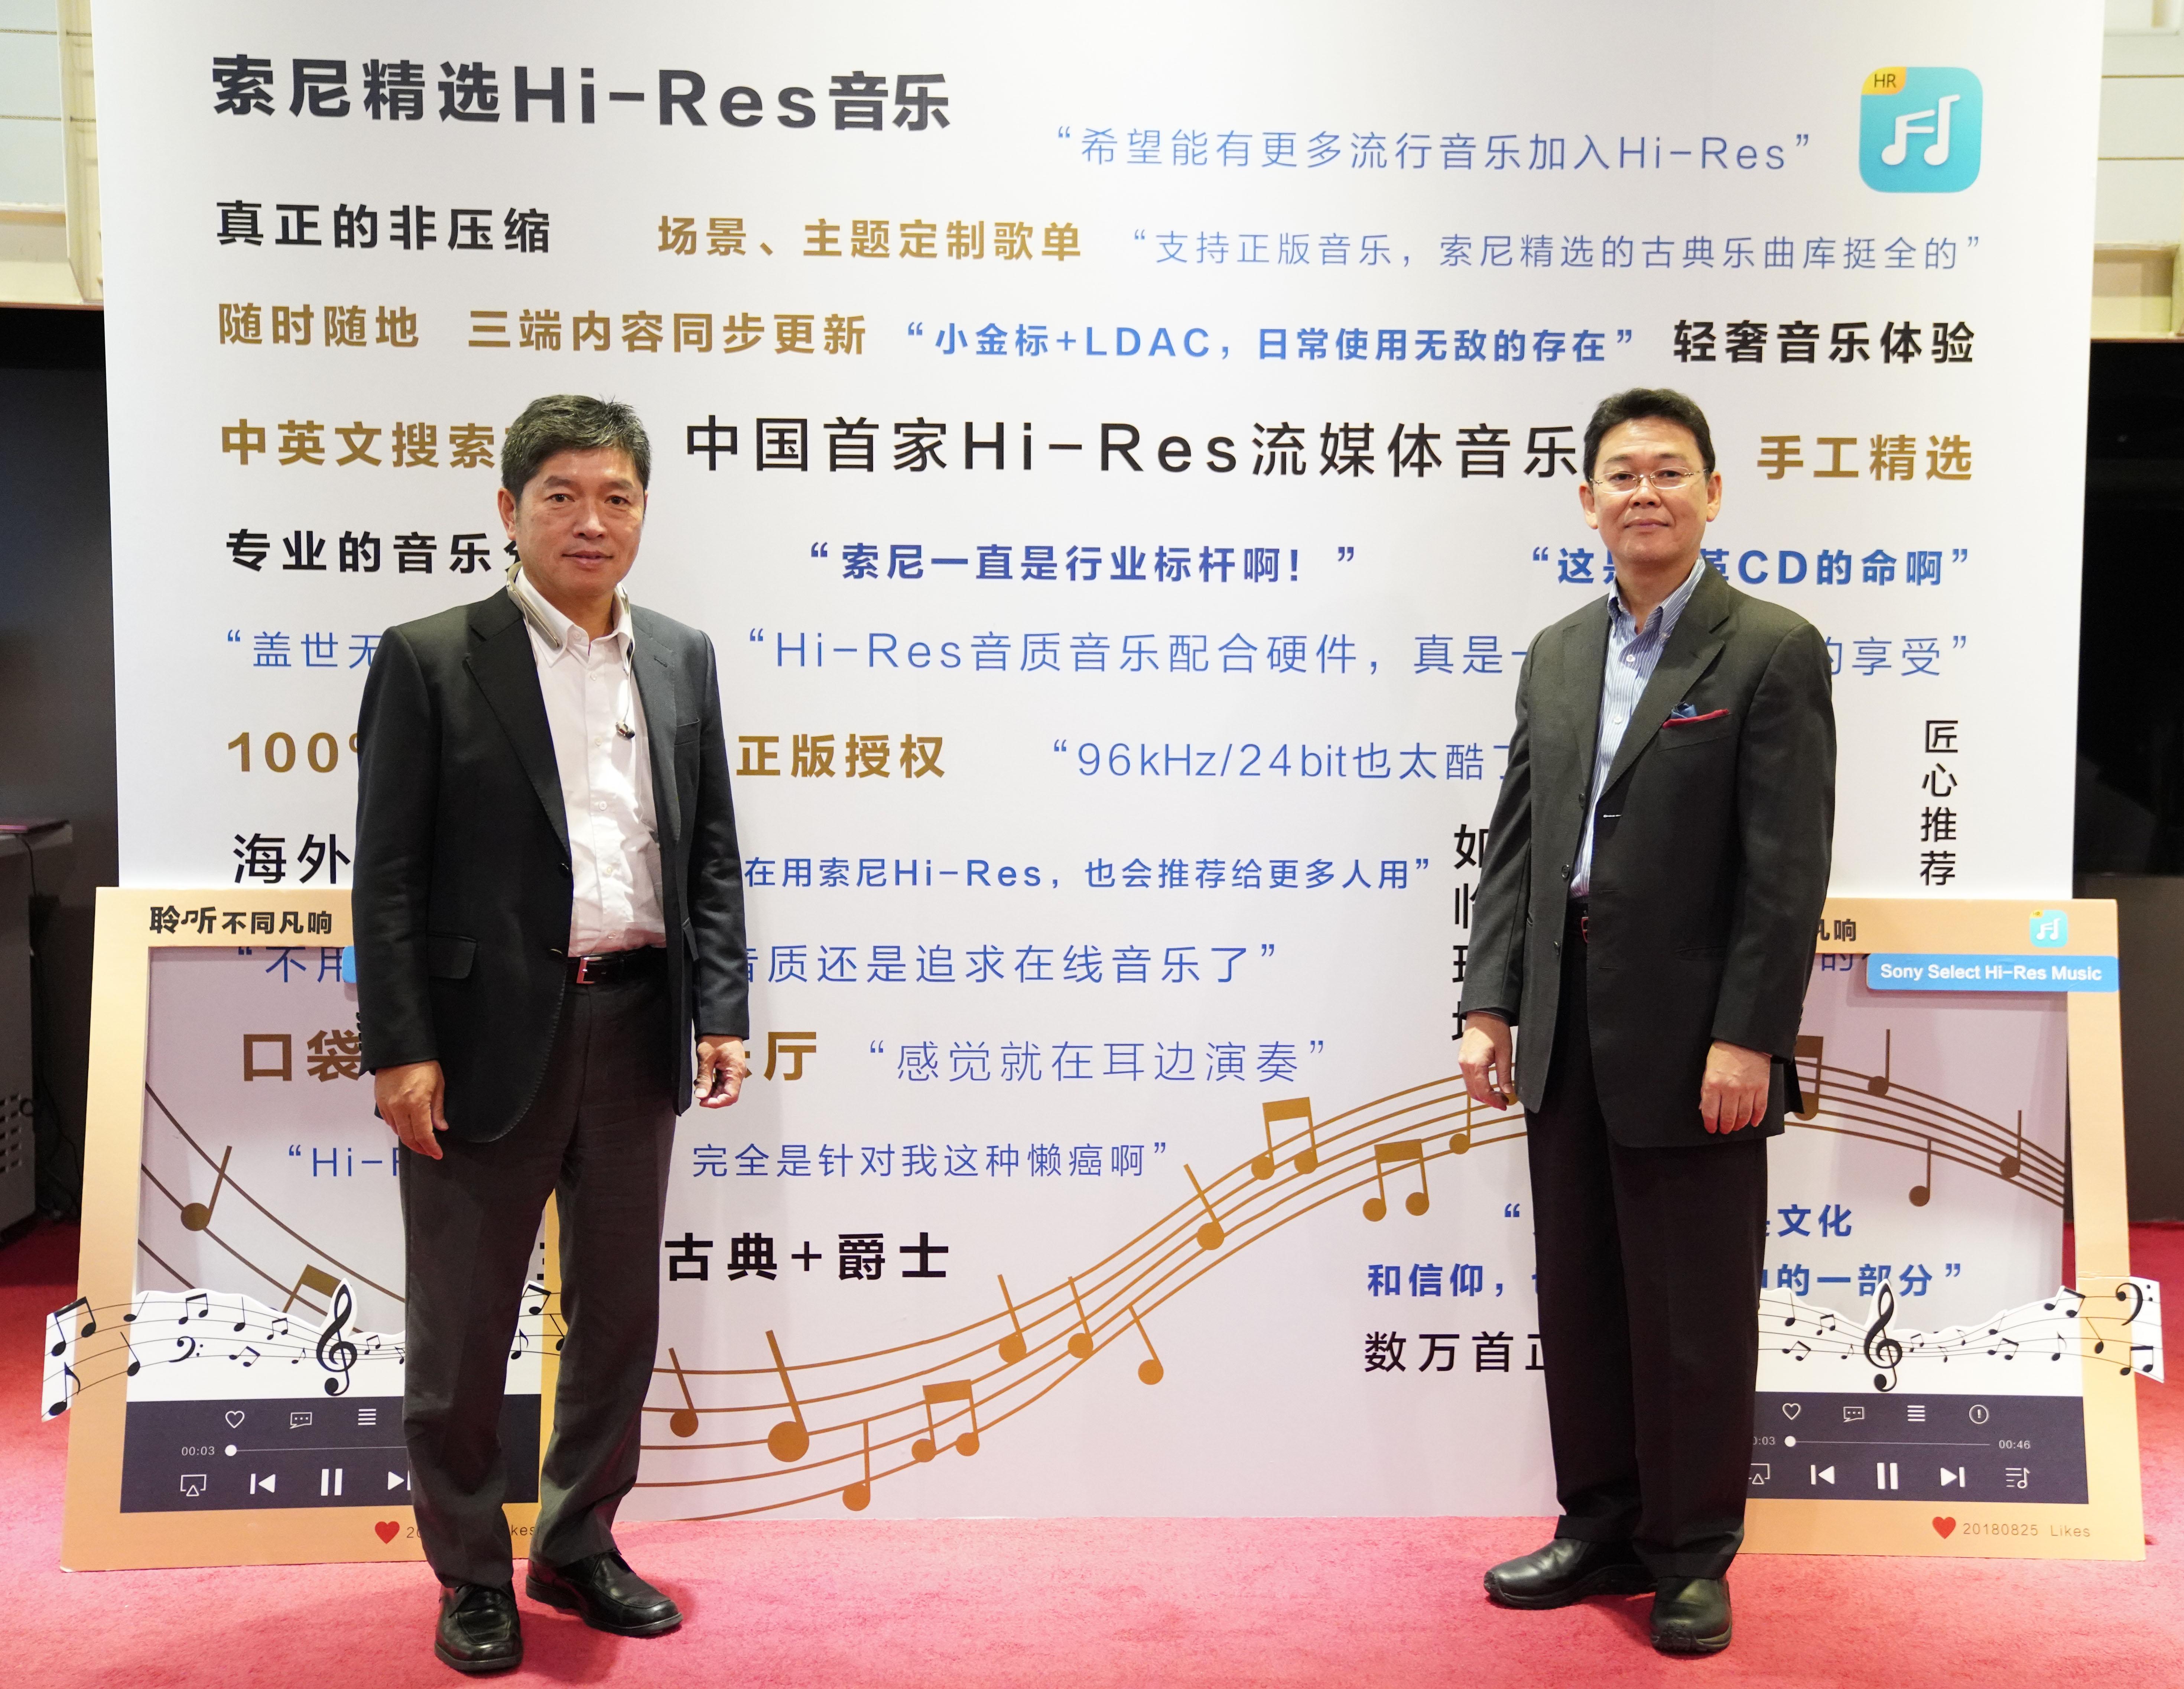 索尼在中国推出Hi-Res流媒体服务,主打高品质音乐